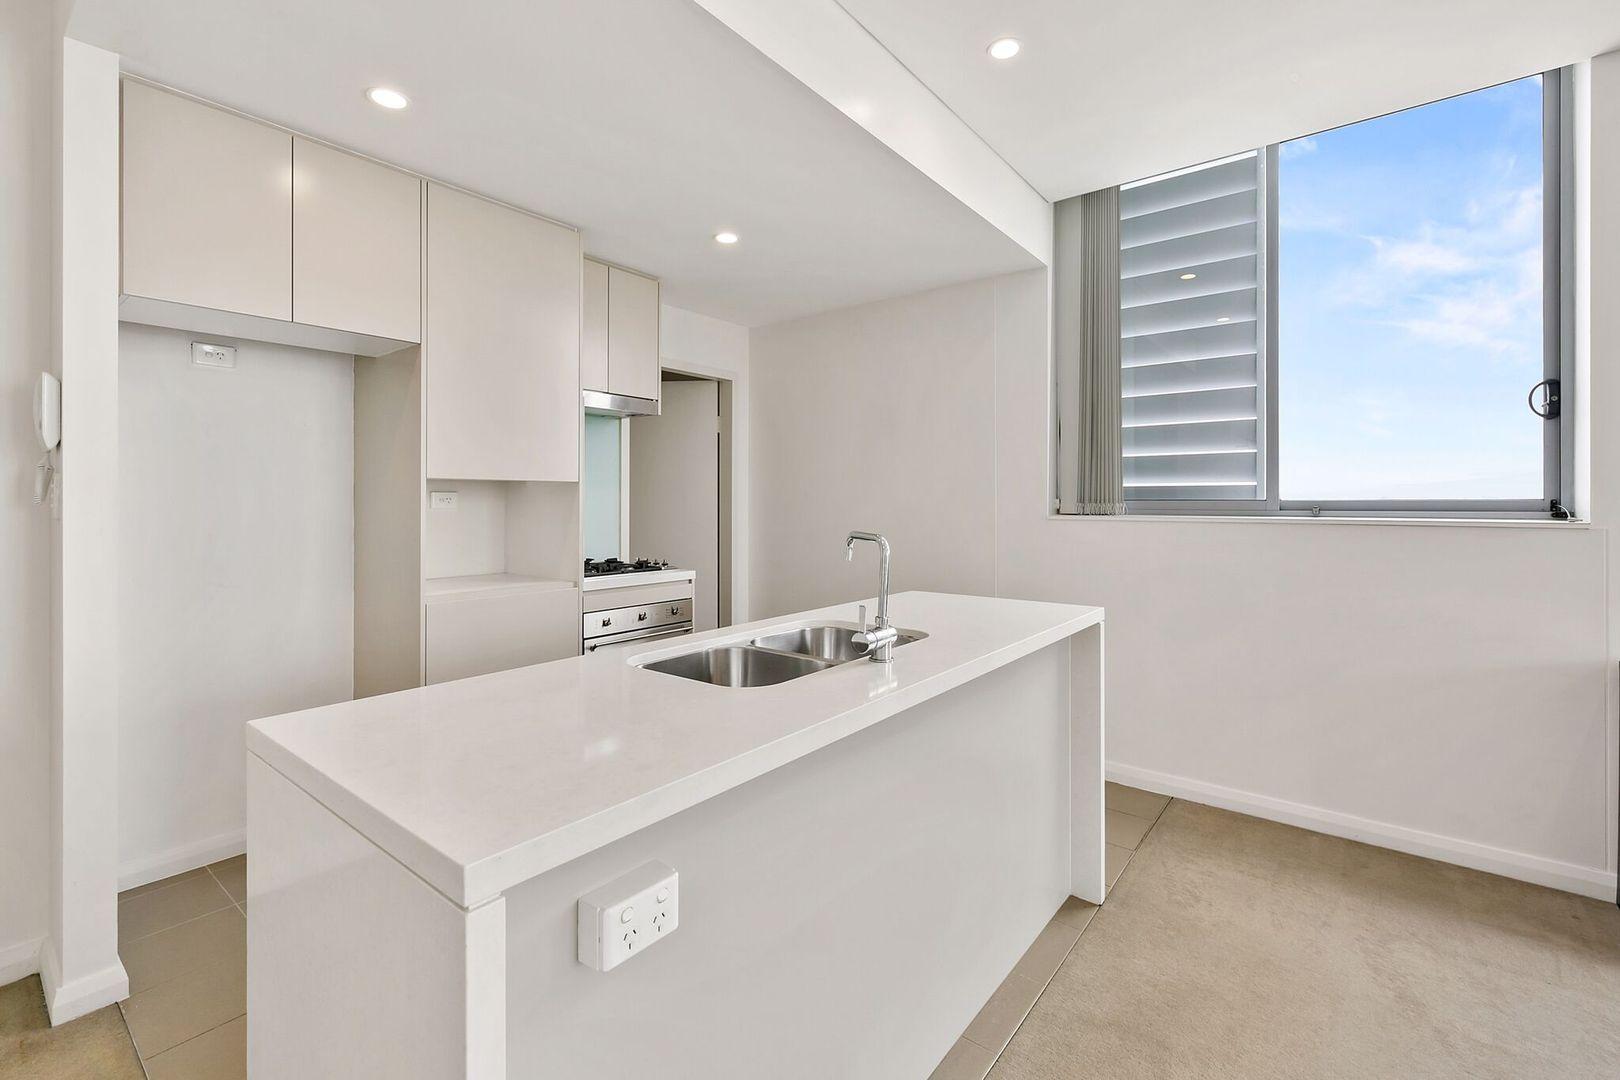 C43/1-7 Daunt Avenue, Matraville NSW 2036, Image 2